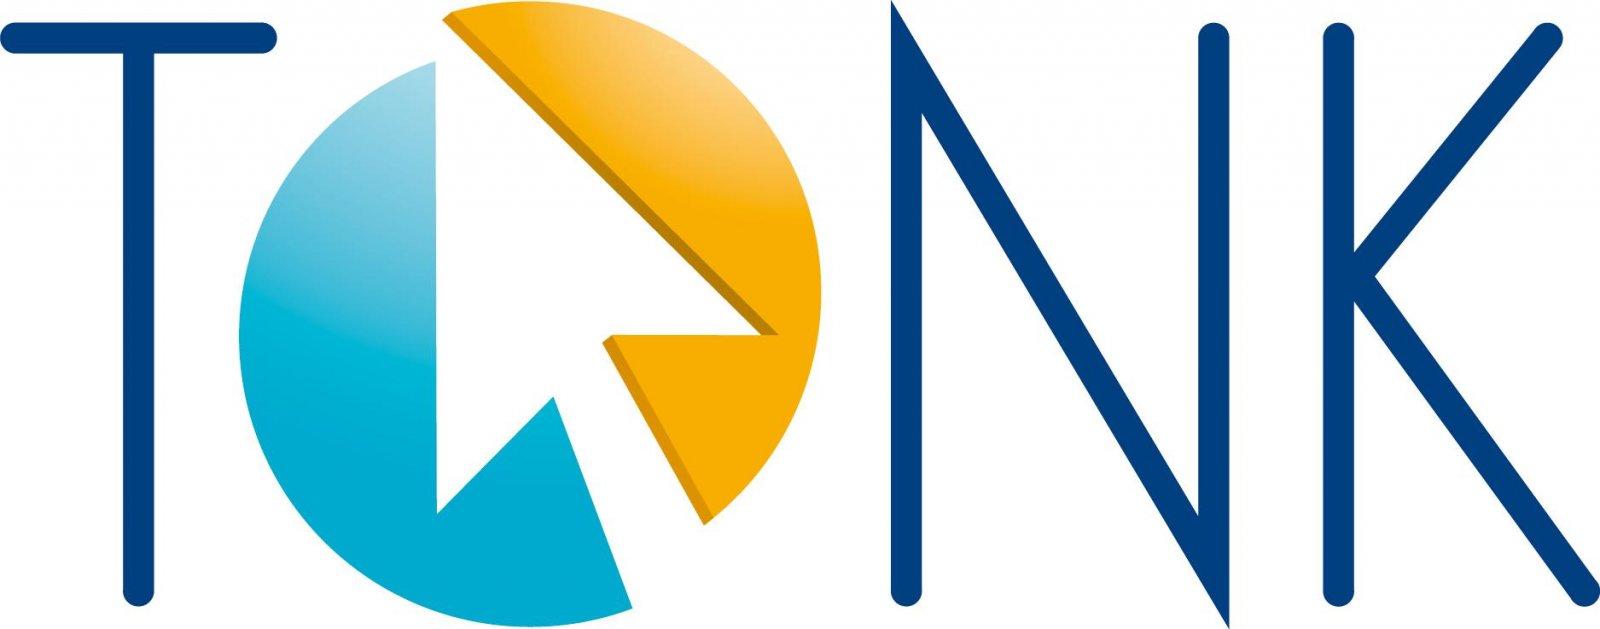 Группа компаний «ТОНК» вошла в консорциум «Телекоммуникационные технологии» (АНО ТТ)